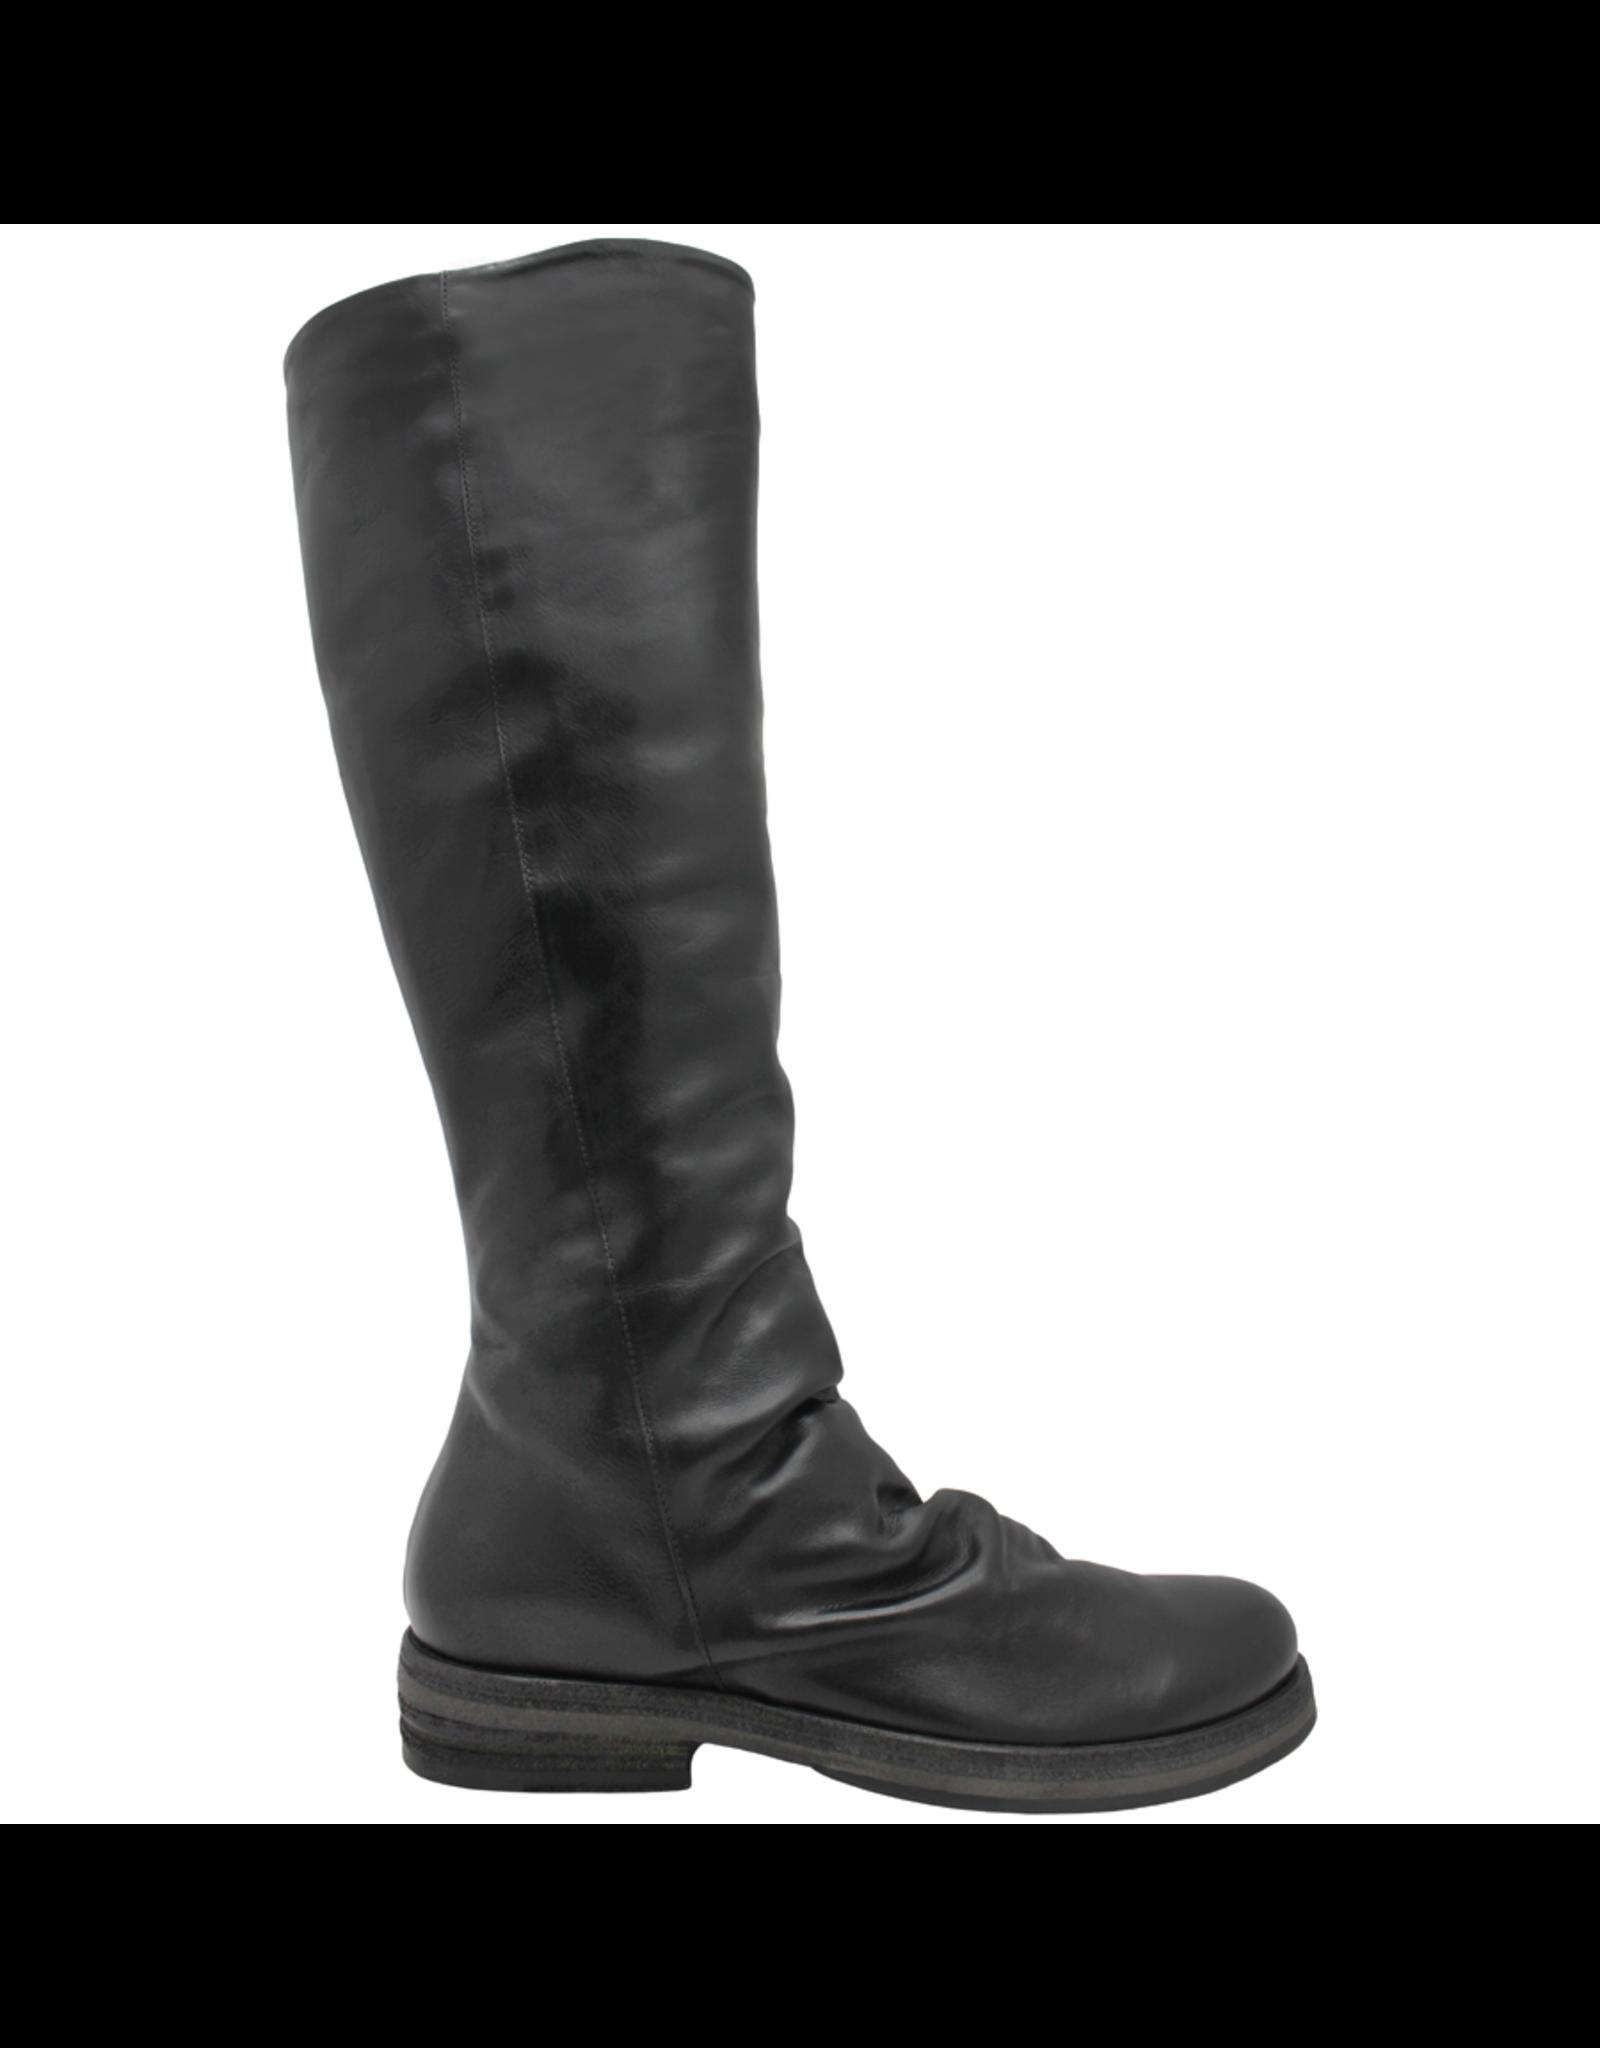 Fiorentini+Baker Fiorentini+Baker Black Knee Boot Crisp